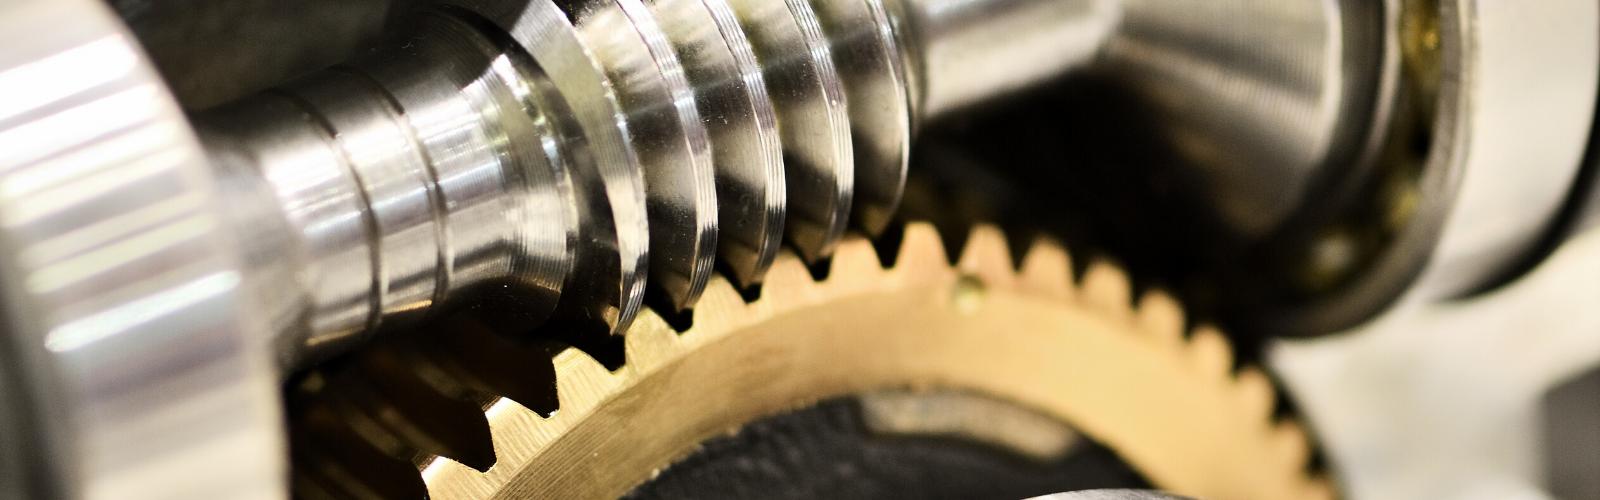 lubrificazione ruota elicoidale vite senza fine acciaio bronzo